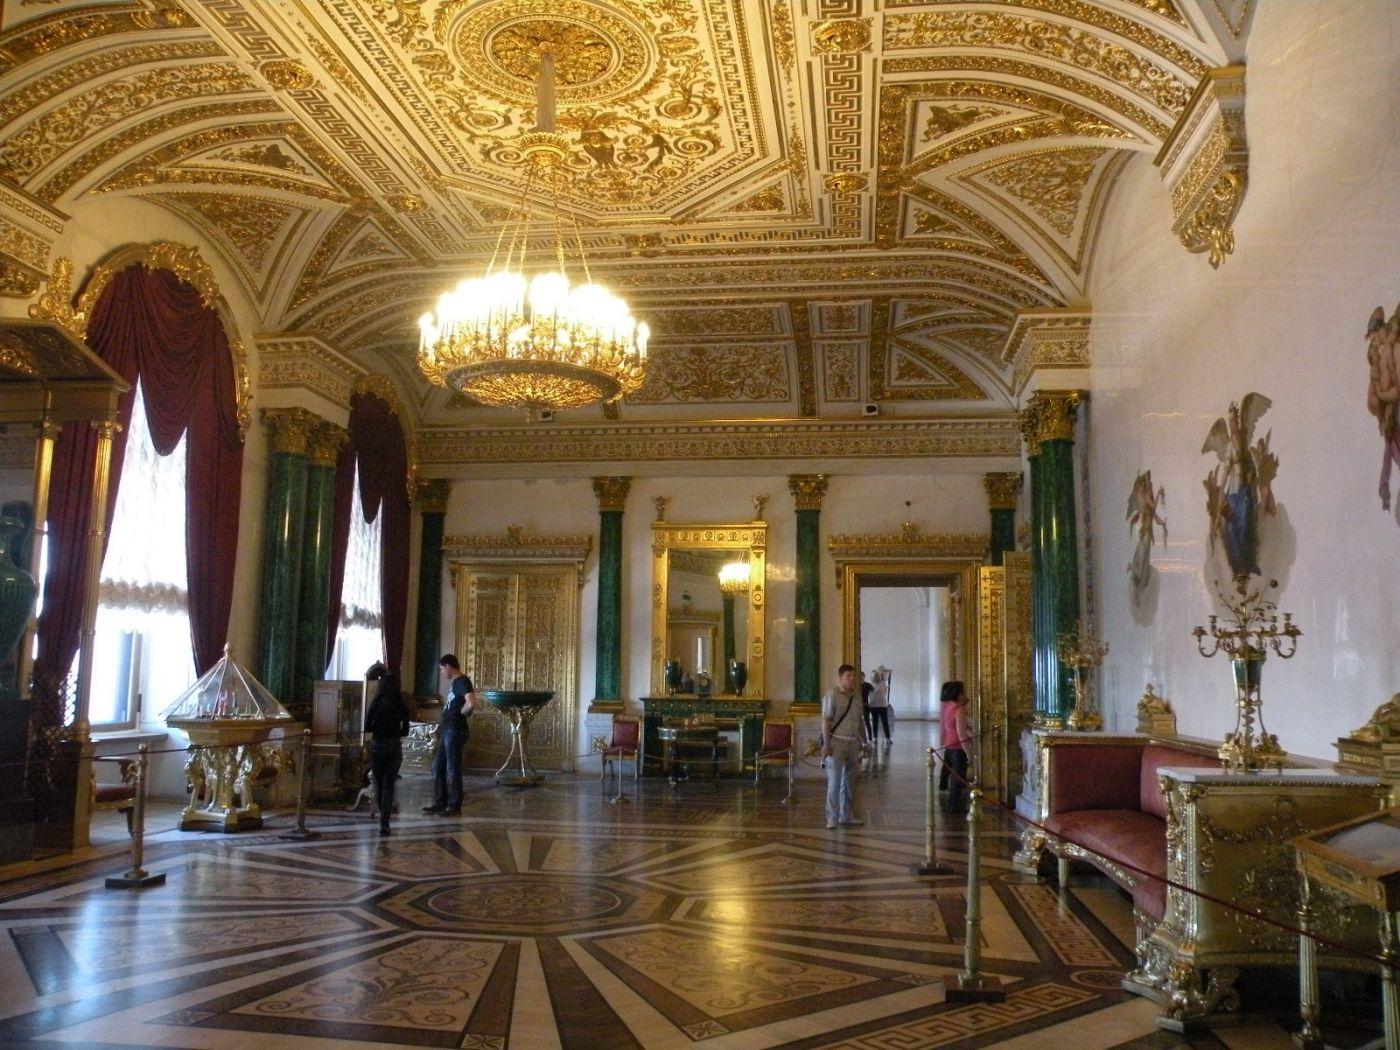 俄罗斯的珍宝(四):冬宫的孔雀石厅(Malachite Room)_图1-5